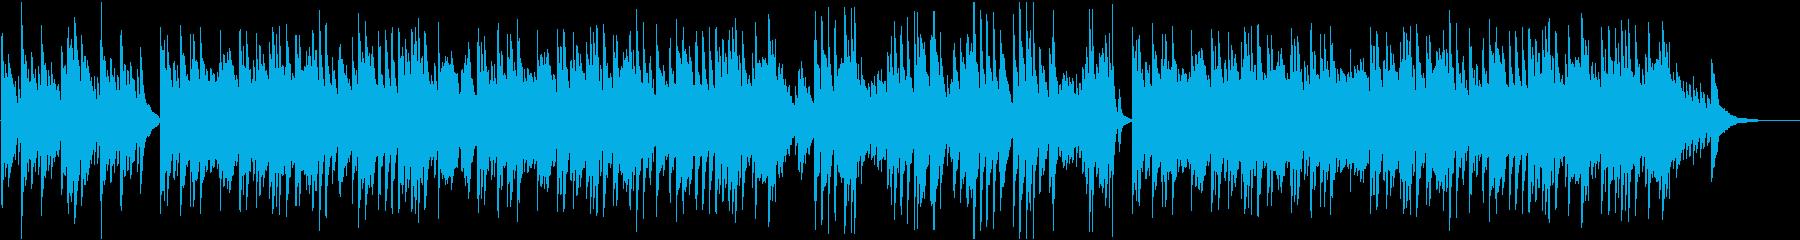 【ピアノソロ】ピアノの落ち着いた和風曲の再生済みの波形